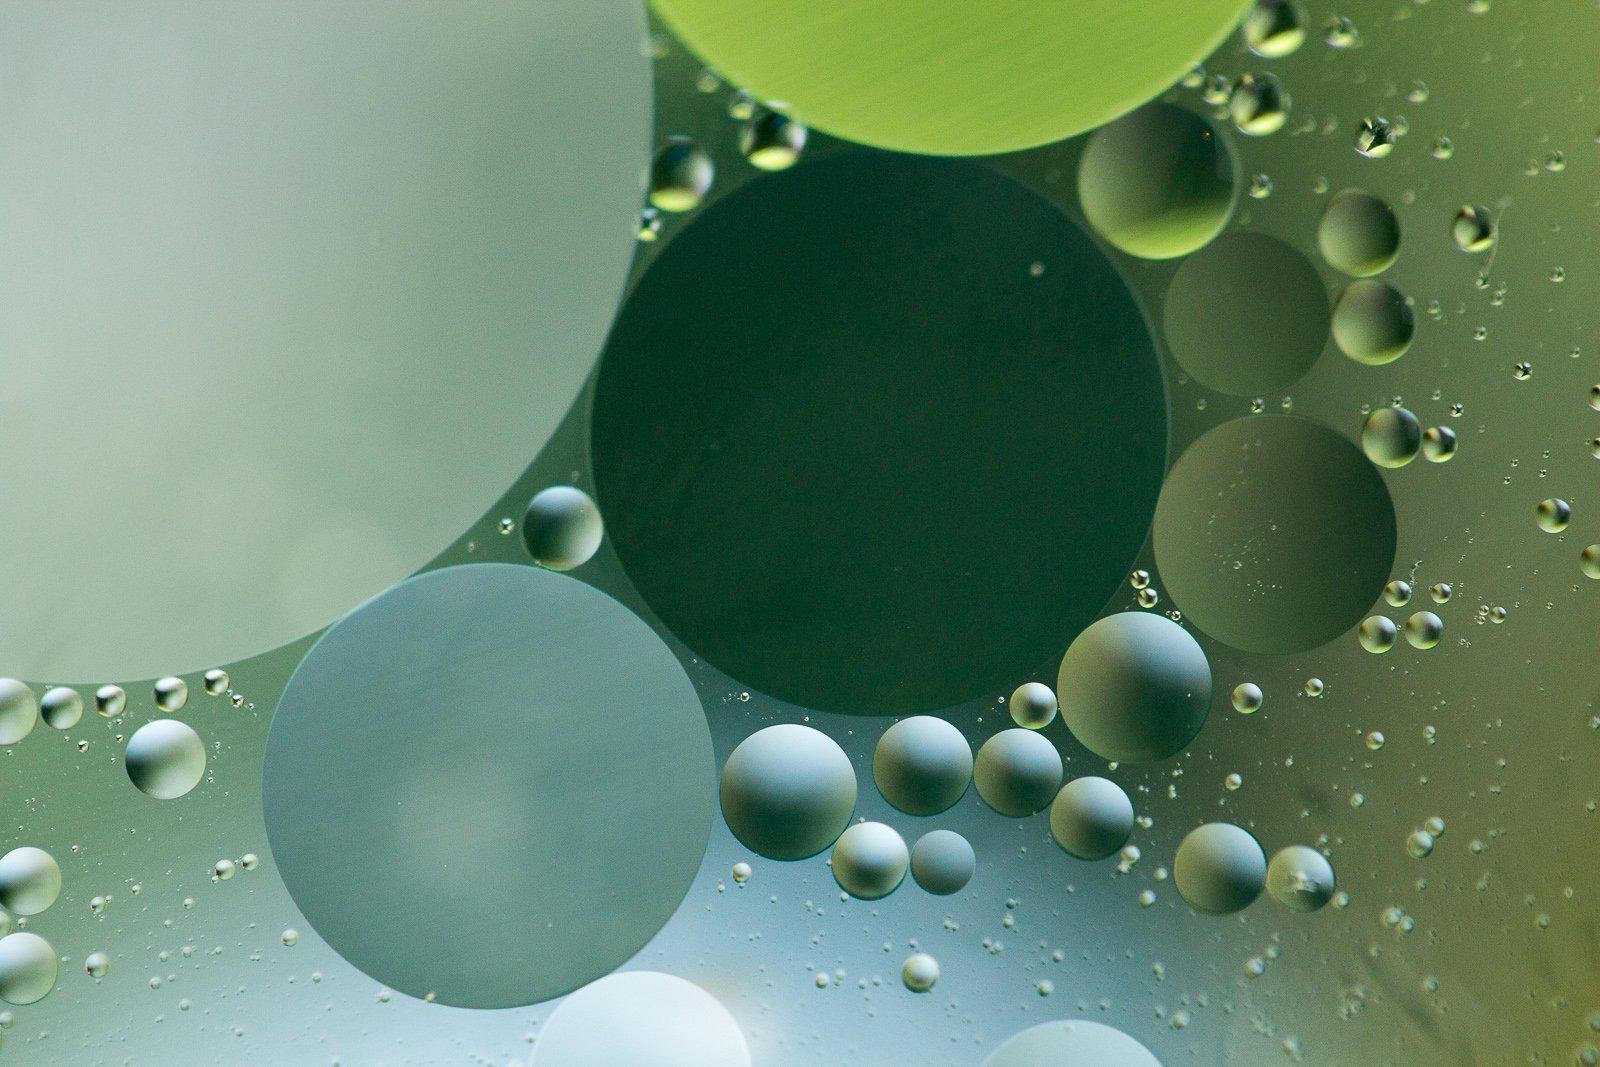 Alg. 3 Olie Druppels 03